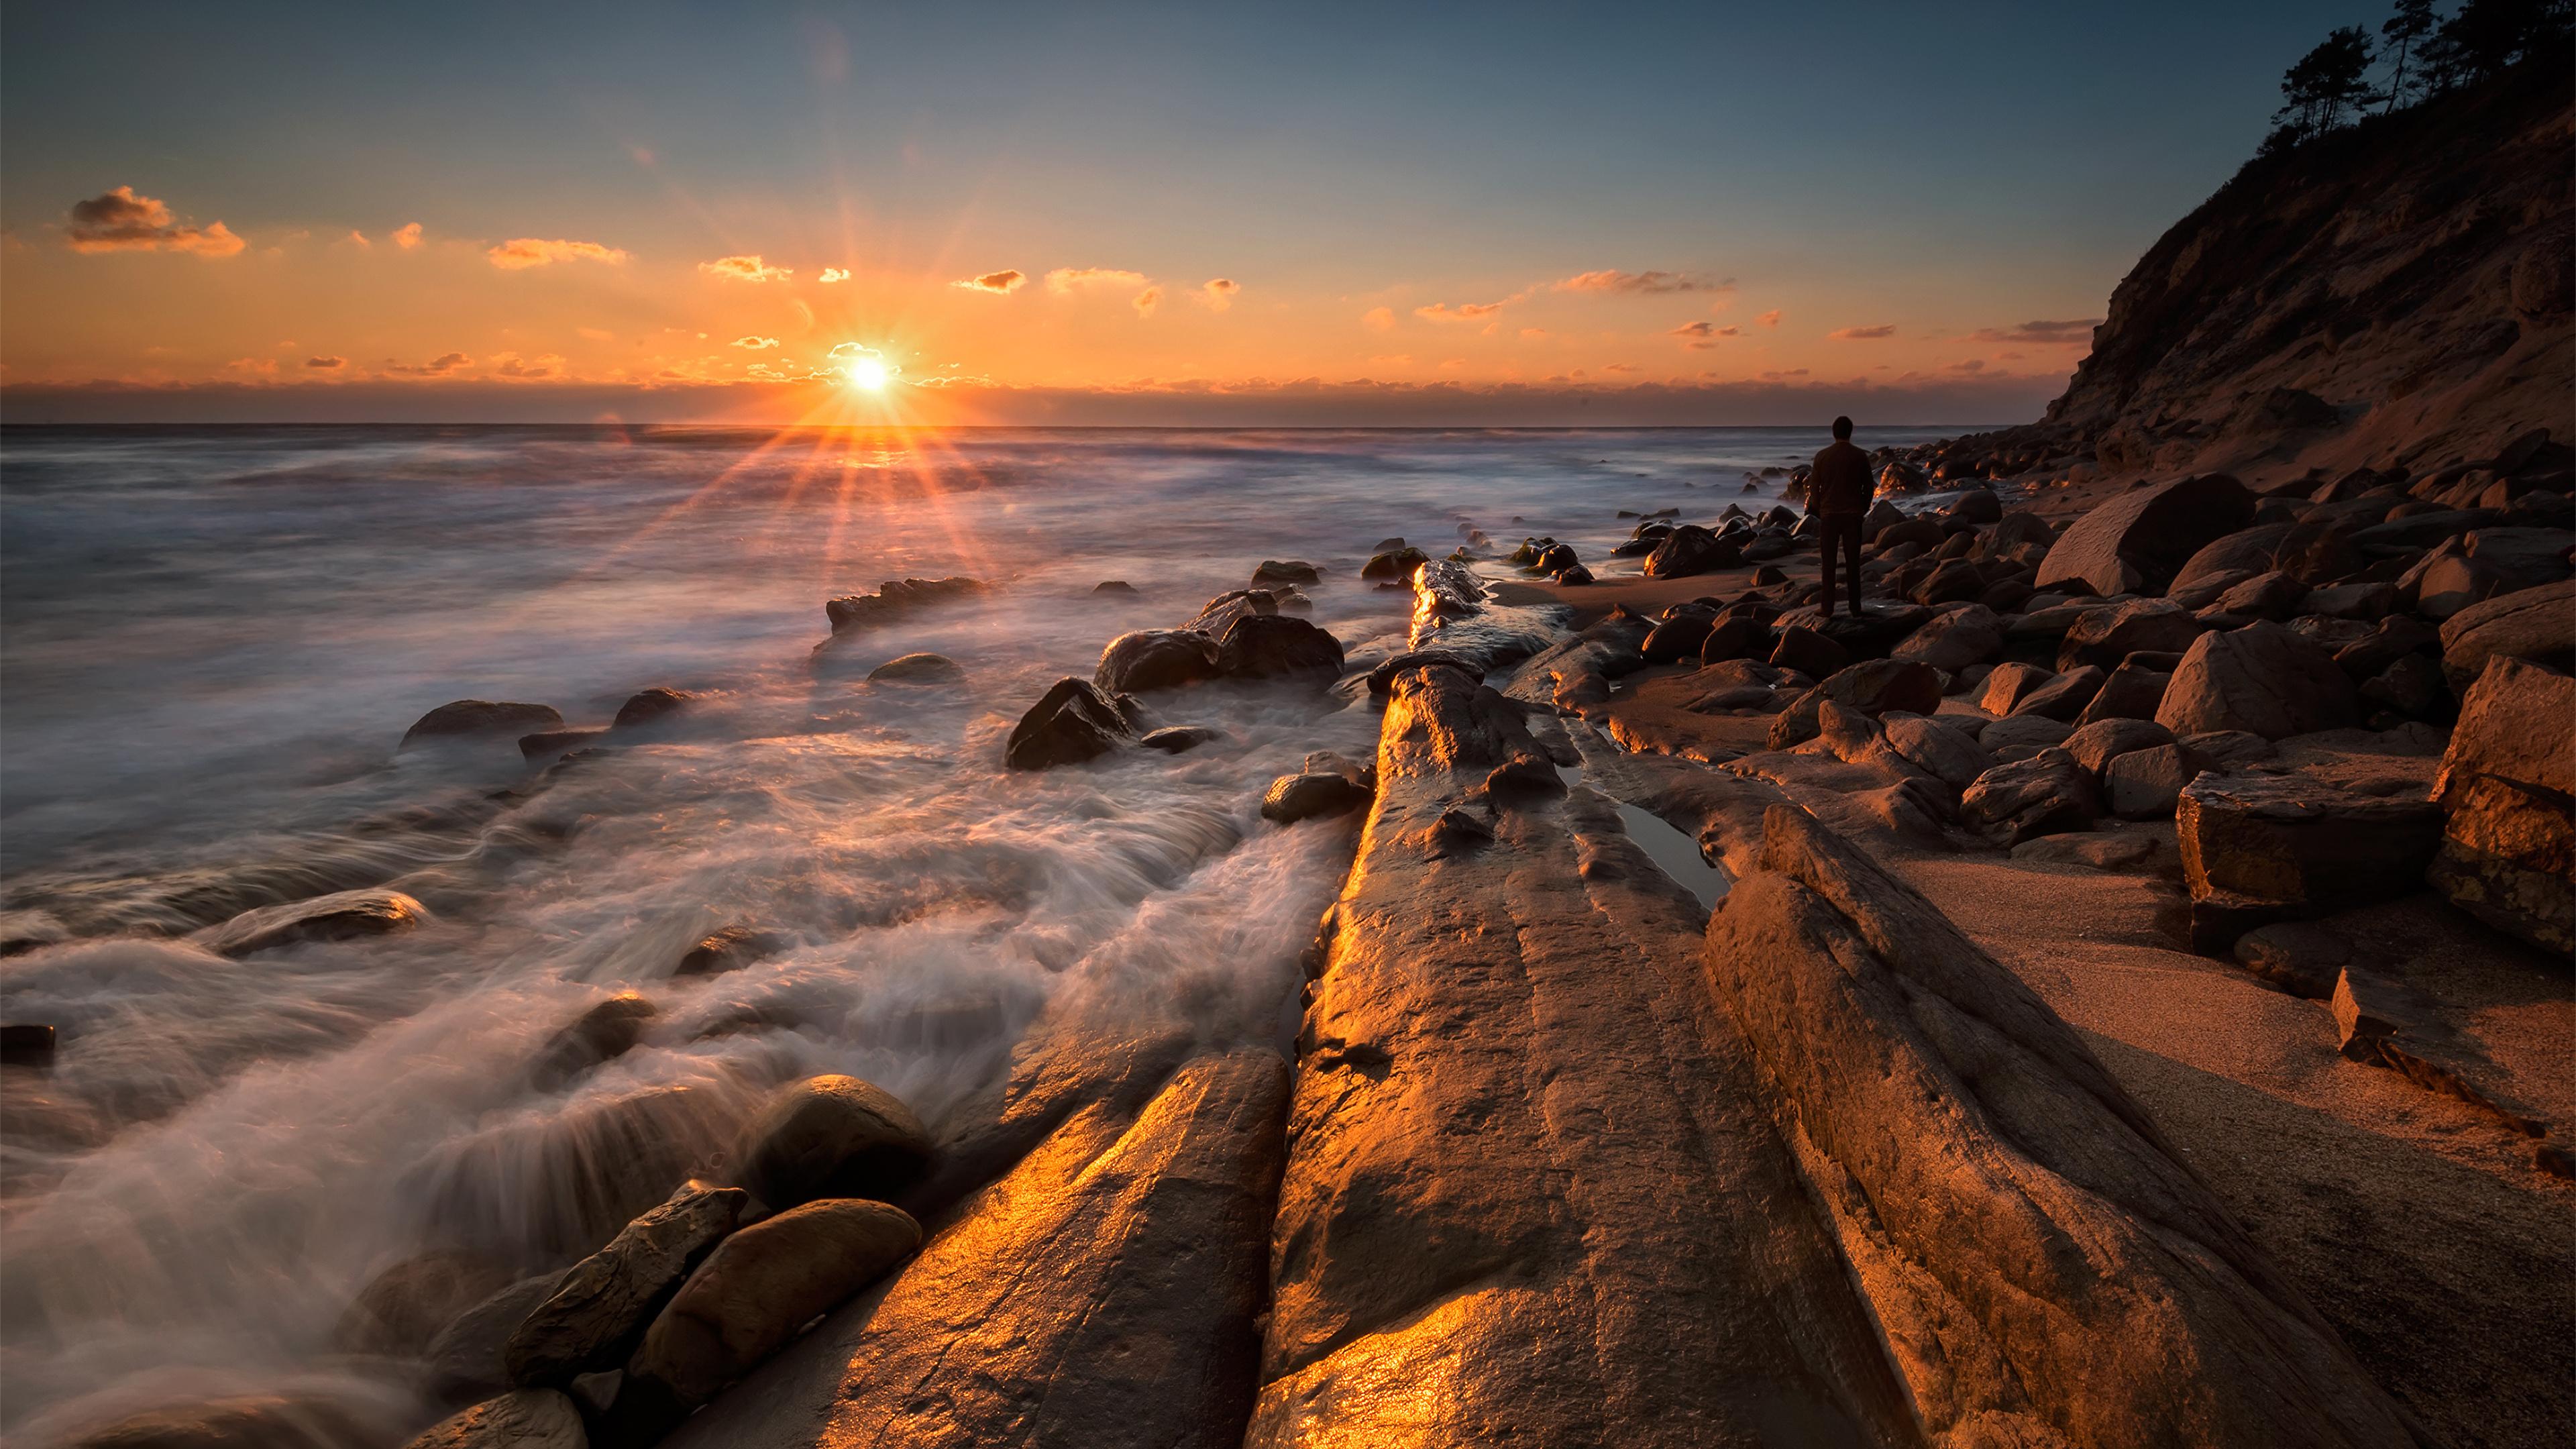 Обои утро, побережье. Пейзажи foto 19